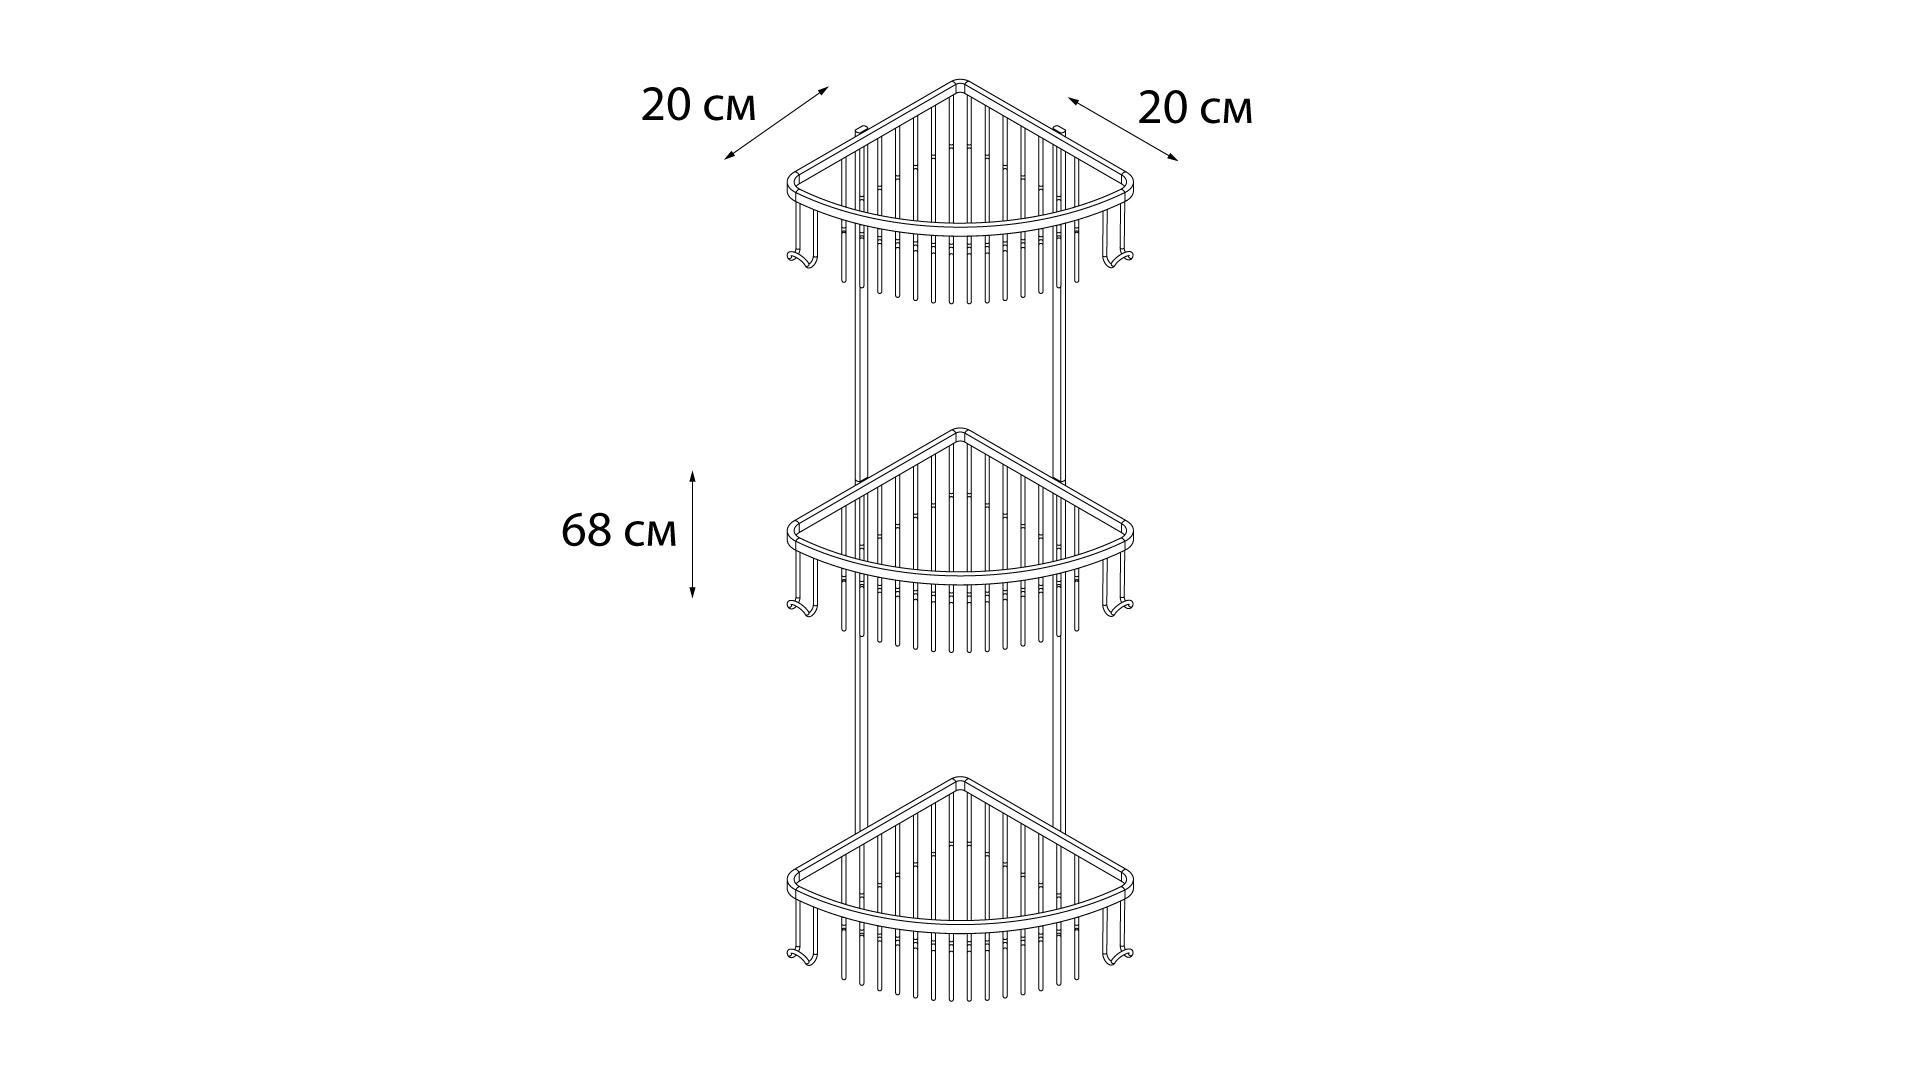 FIXSEN FX-858-3 Полка угловая трёхэтажная - купить в Перми